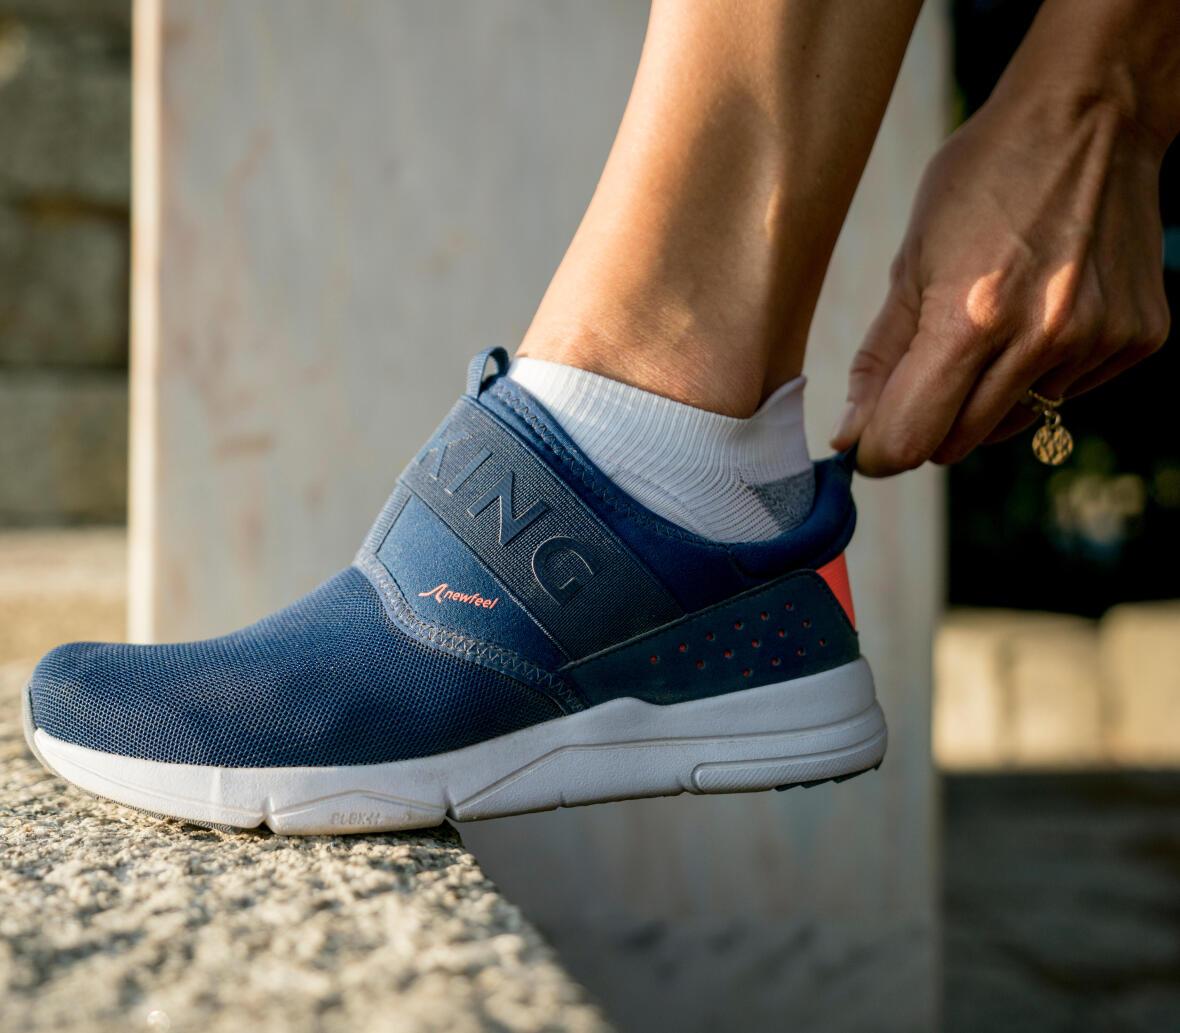 chaussure-marche-sportive-équipement